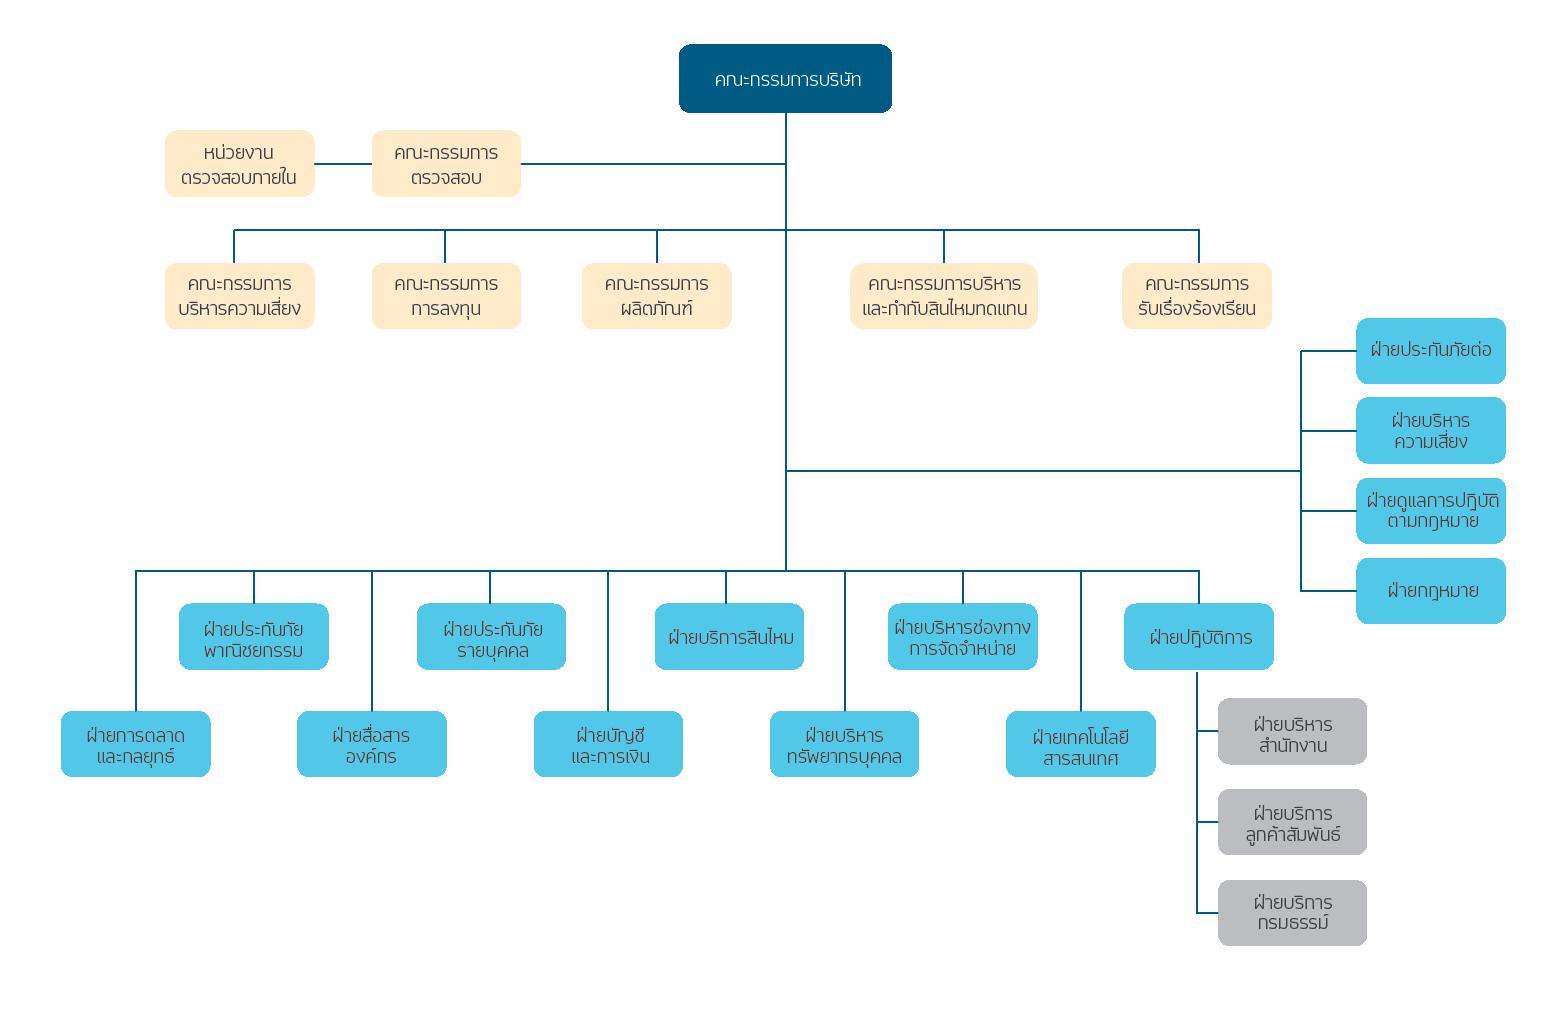 AIG Org chart